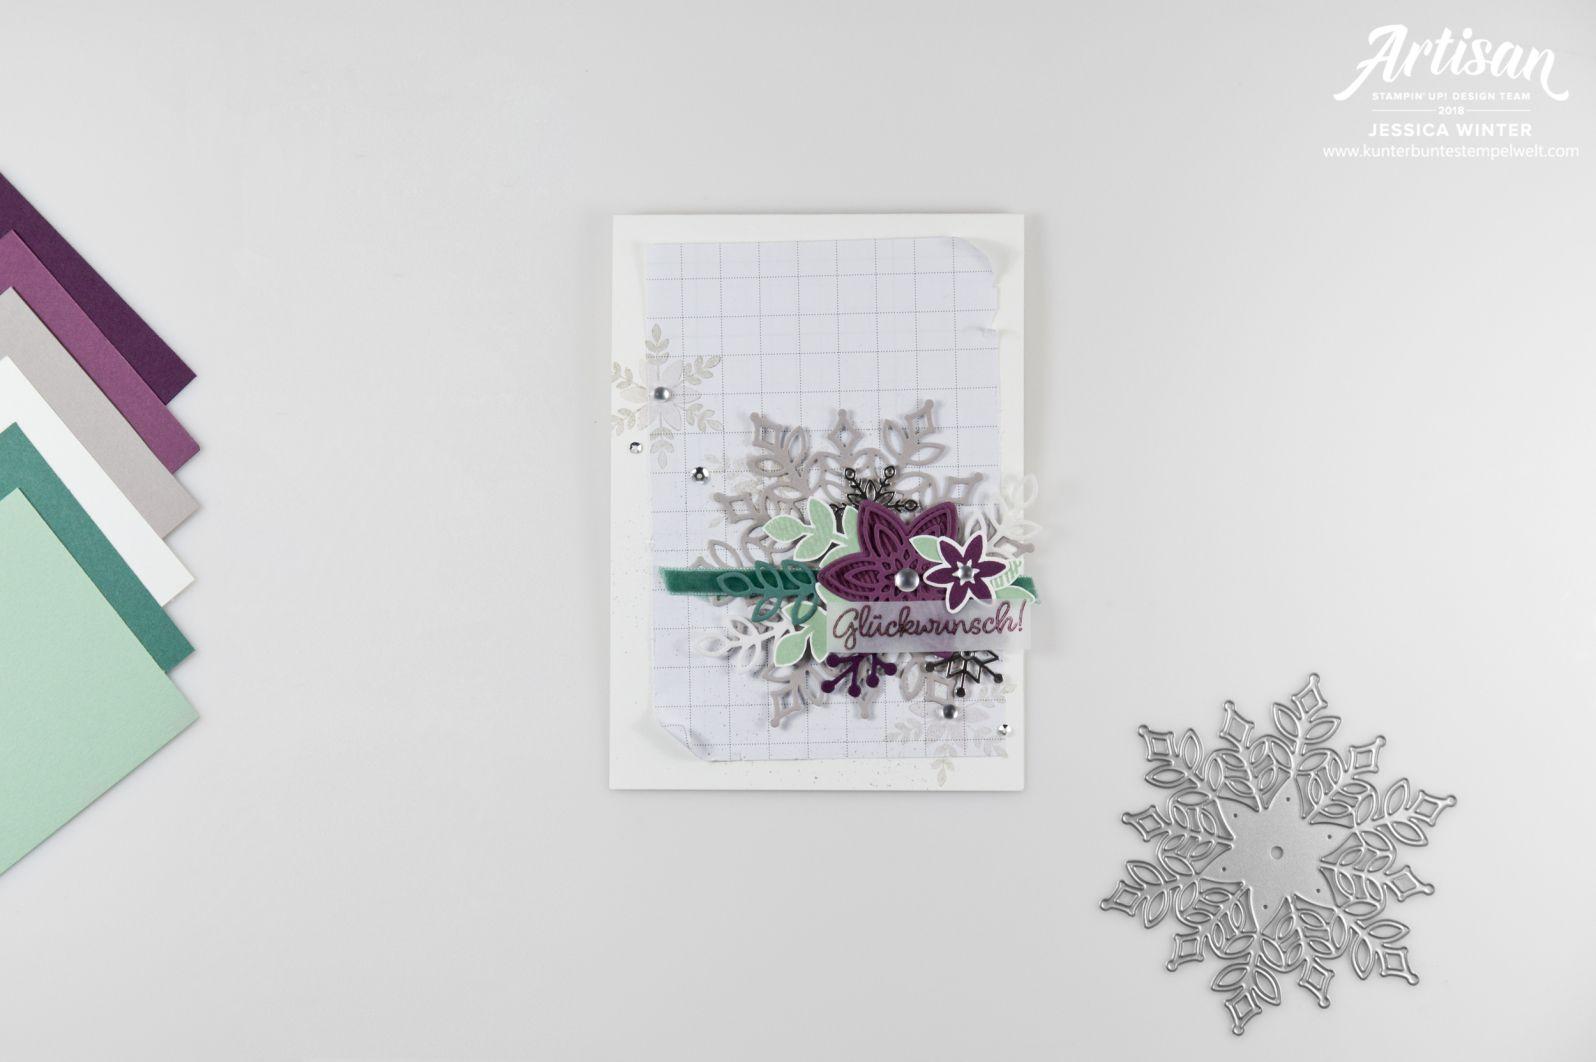 Winterliche Geburtstagskarte gestaltet mit Stampin´ Up! Produkten